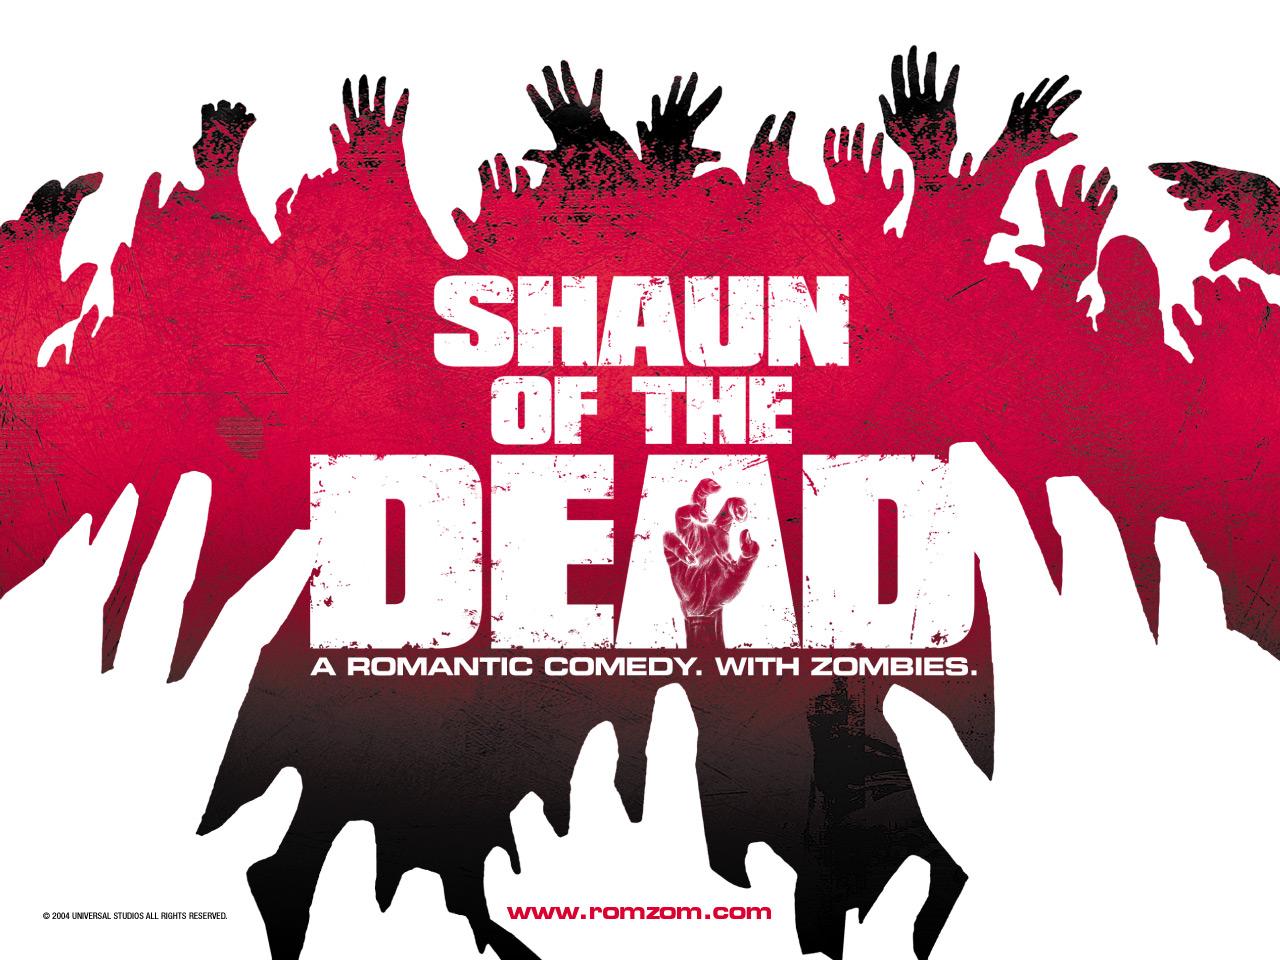 http://4.bp.blogspot.com/-7PPHfMoJdPQ/TZYHEtiYnvI/AAAAAAAABUU/SWUg1p6_C-A/s1600/Shaun+Of+The+Dead-08.jpg